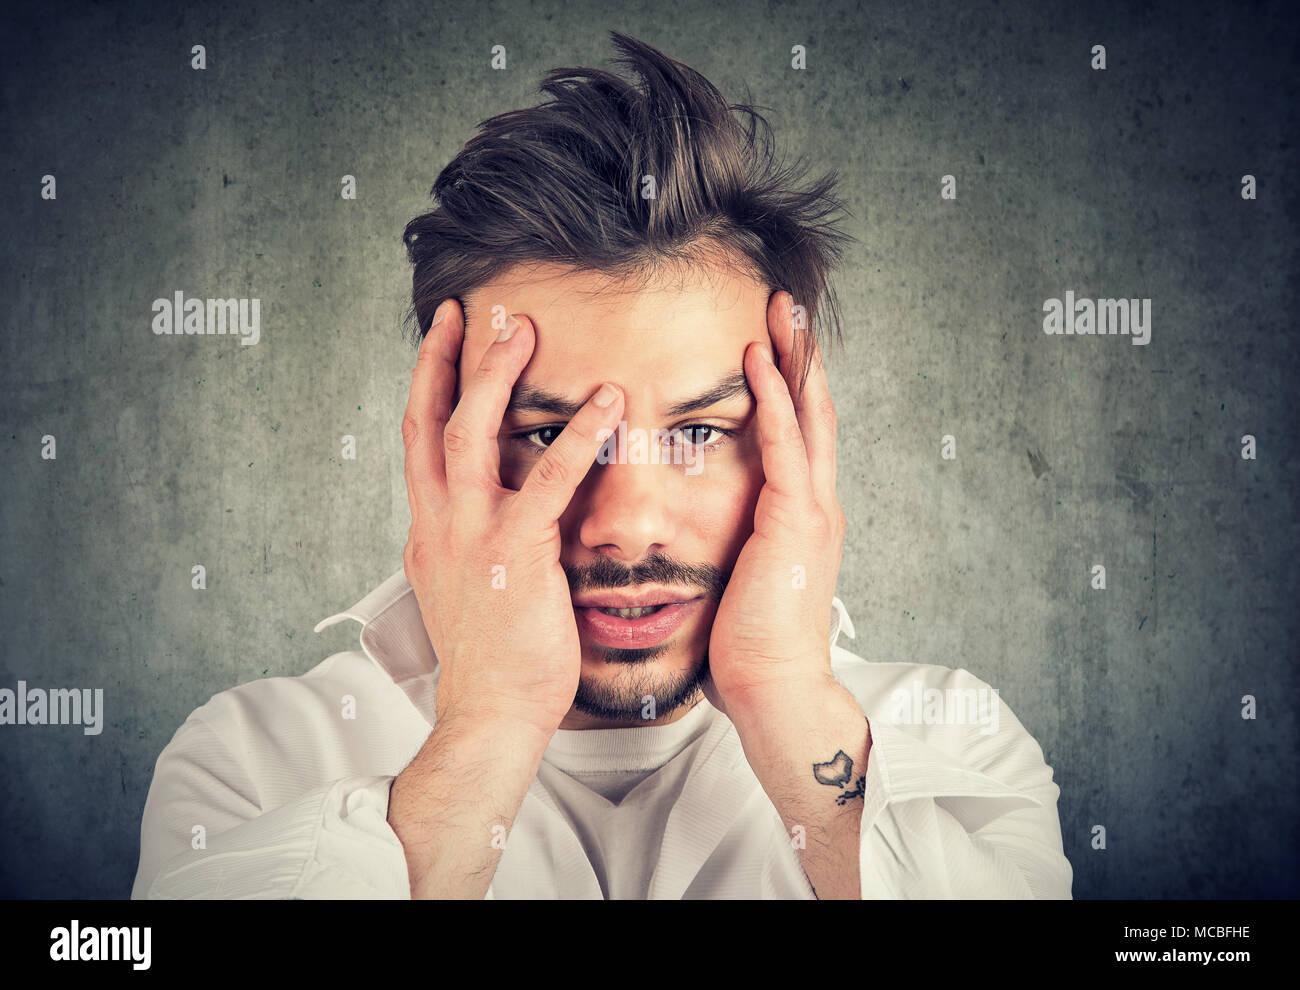 Miserablen Kerl in ein grosses Problem und für Gesicht dramatisch an Kamera schaut. Stockbild